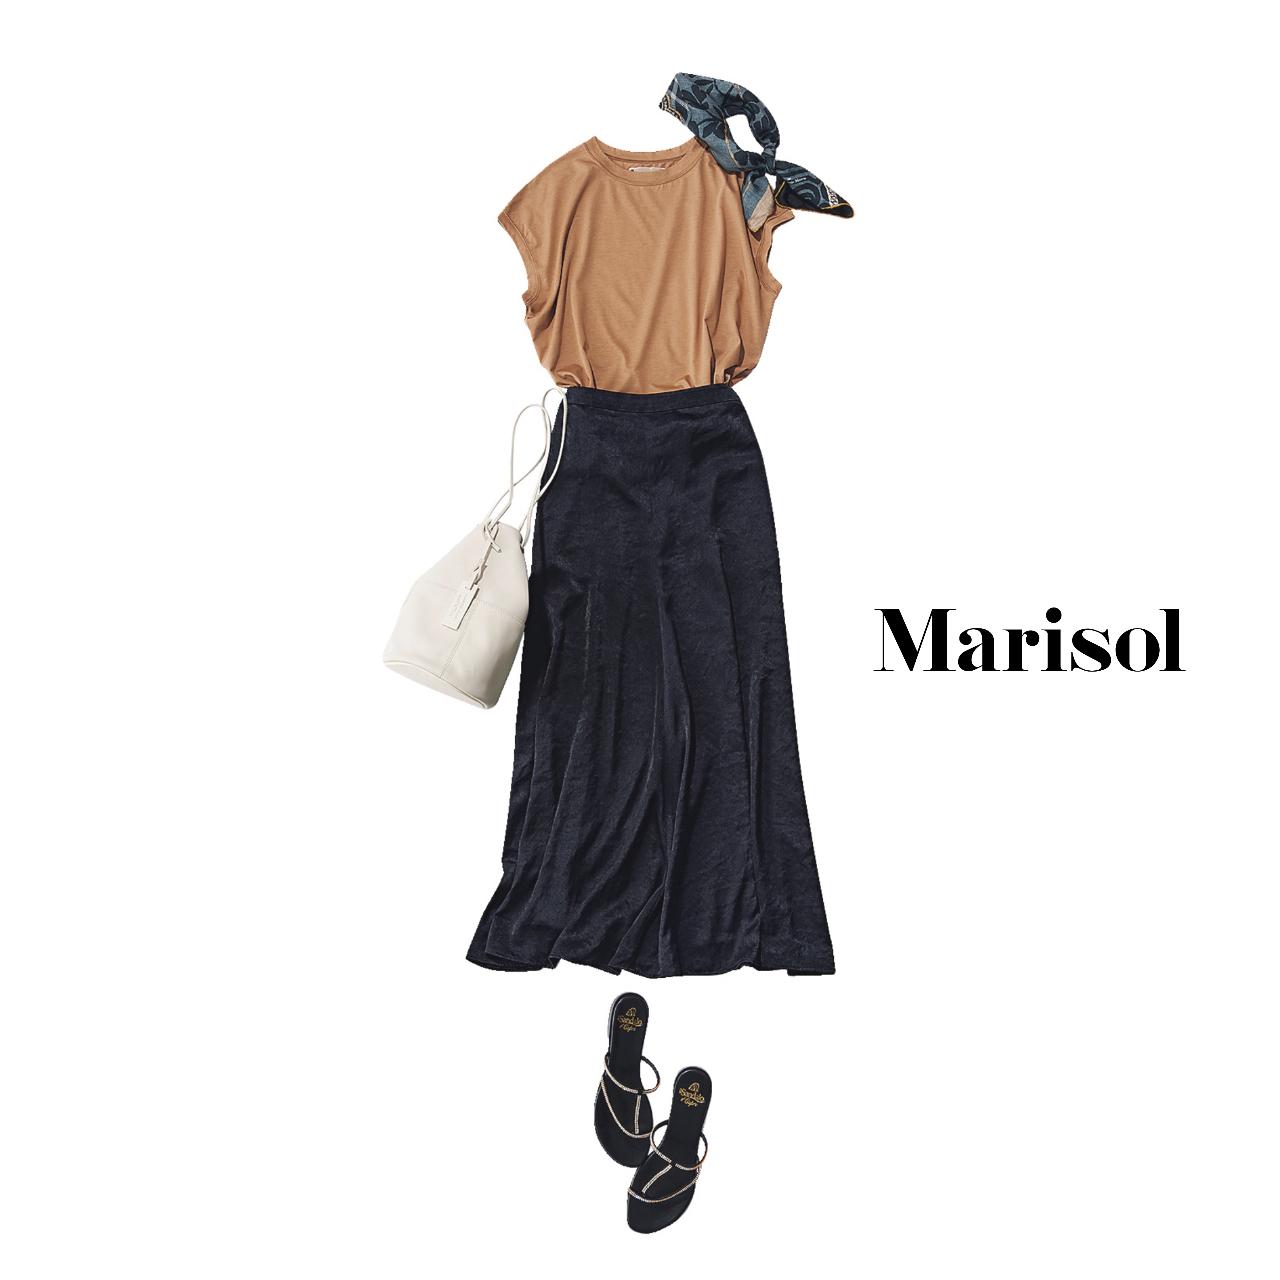 40代ファッション   テラコッタカットソー×黒スカート×サンダルコーデ